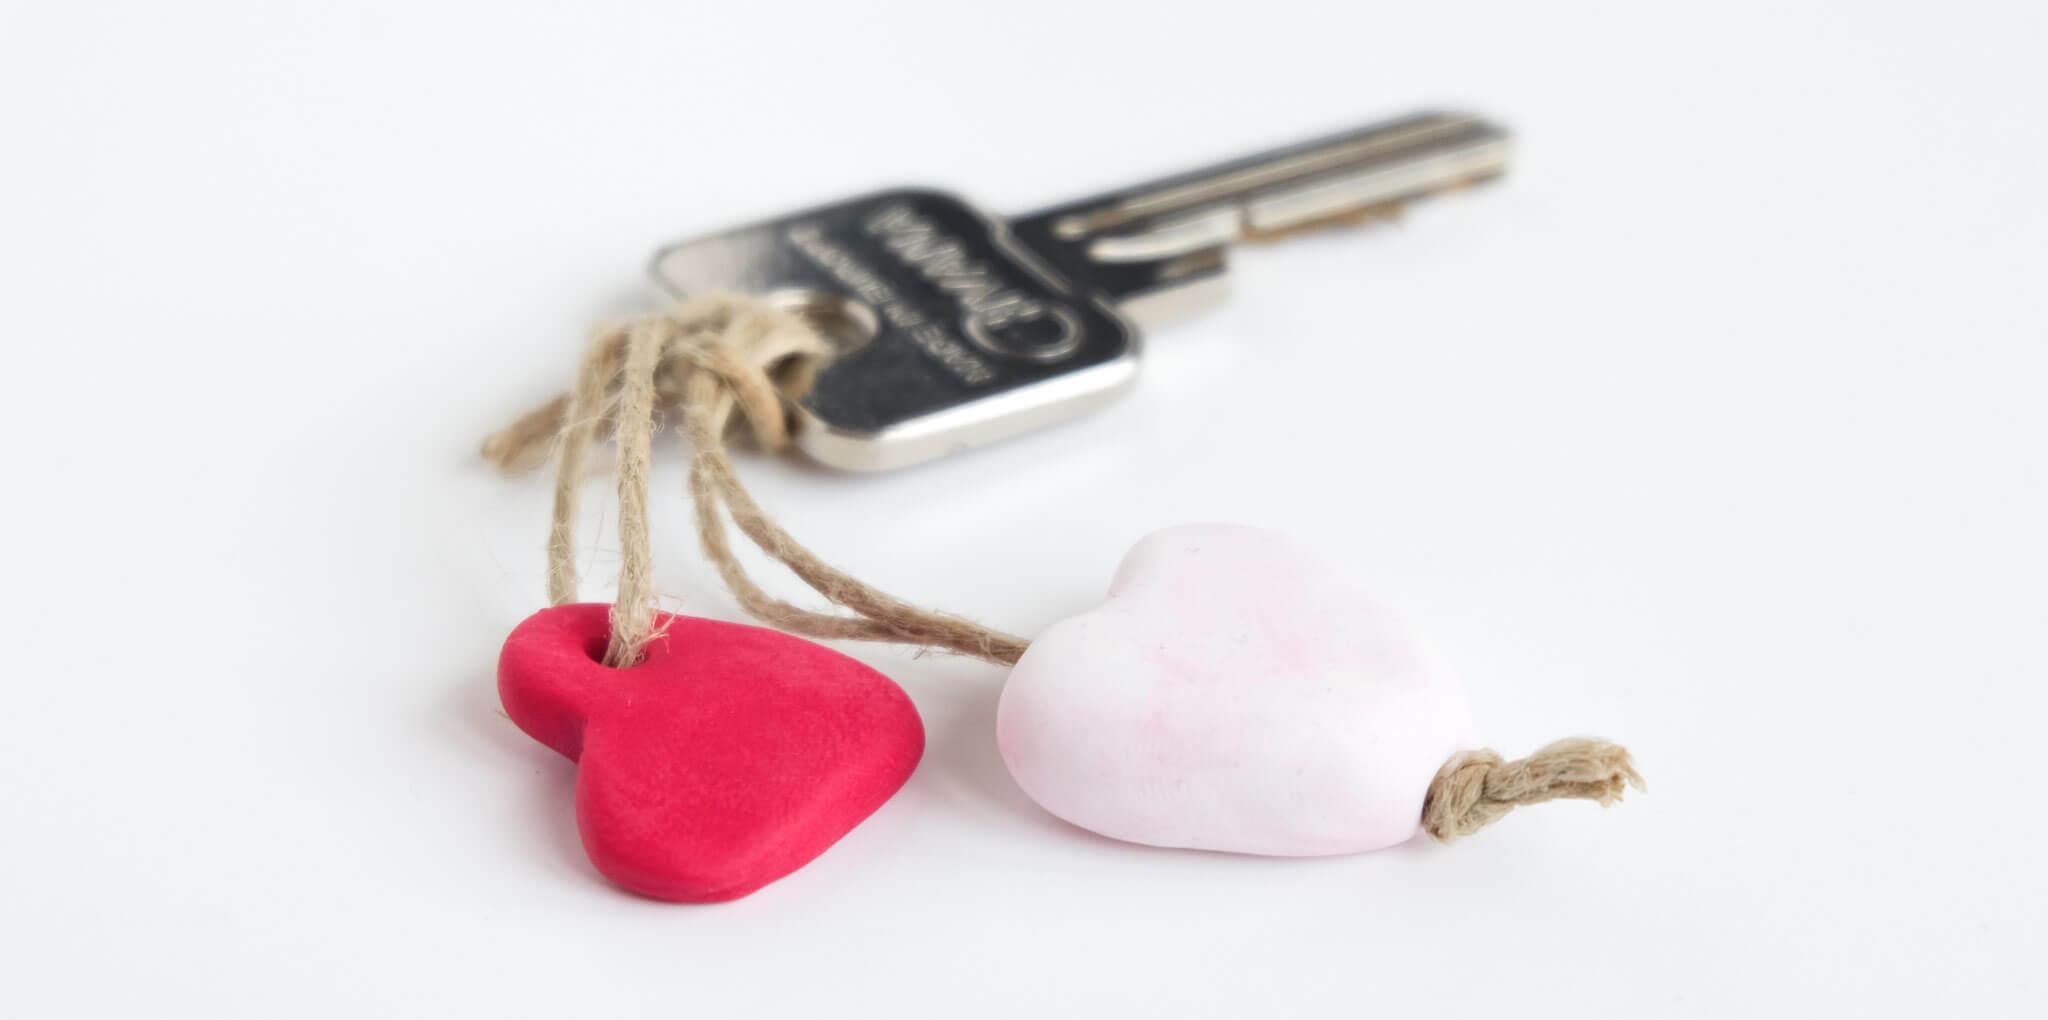 DIY valentijnshartjes van FIMO klei   Maak hartjes sleutelhangers van FIMO klei als cadeautje voor Valentijnsdag